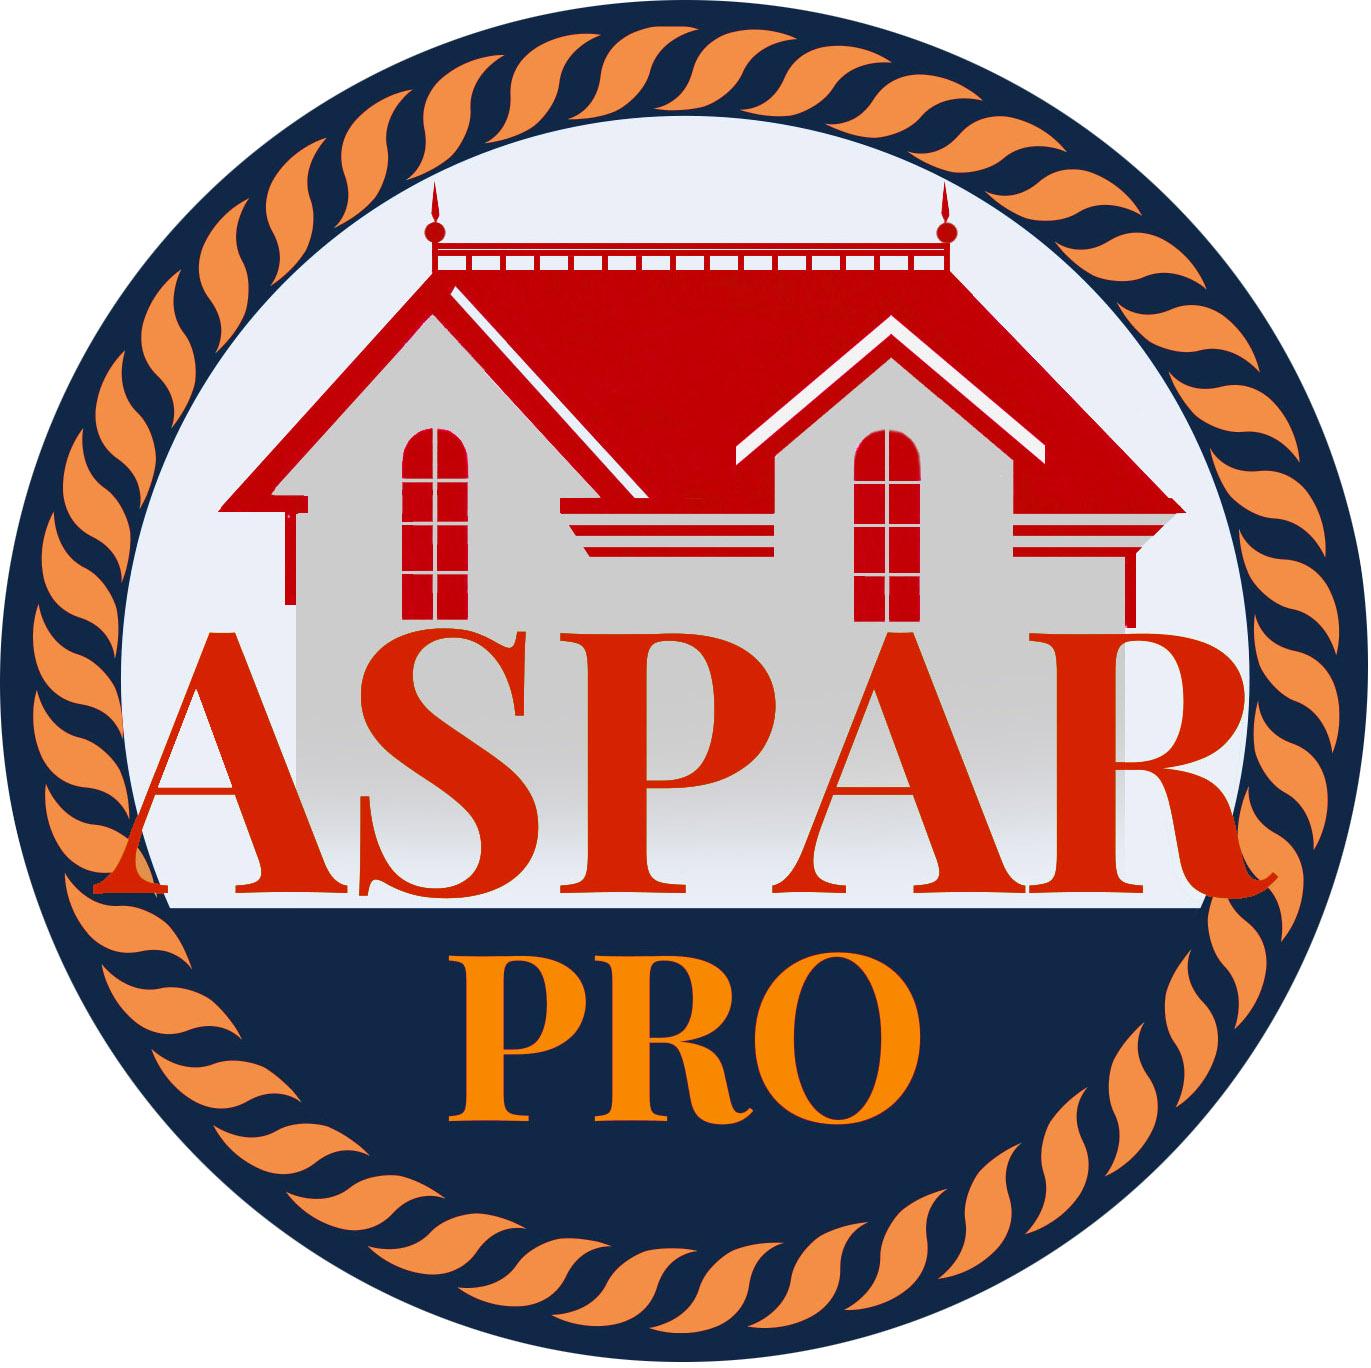 ASPAR-PRO